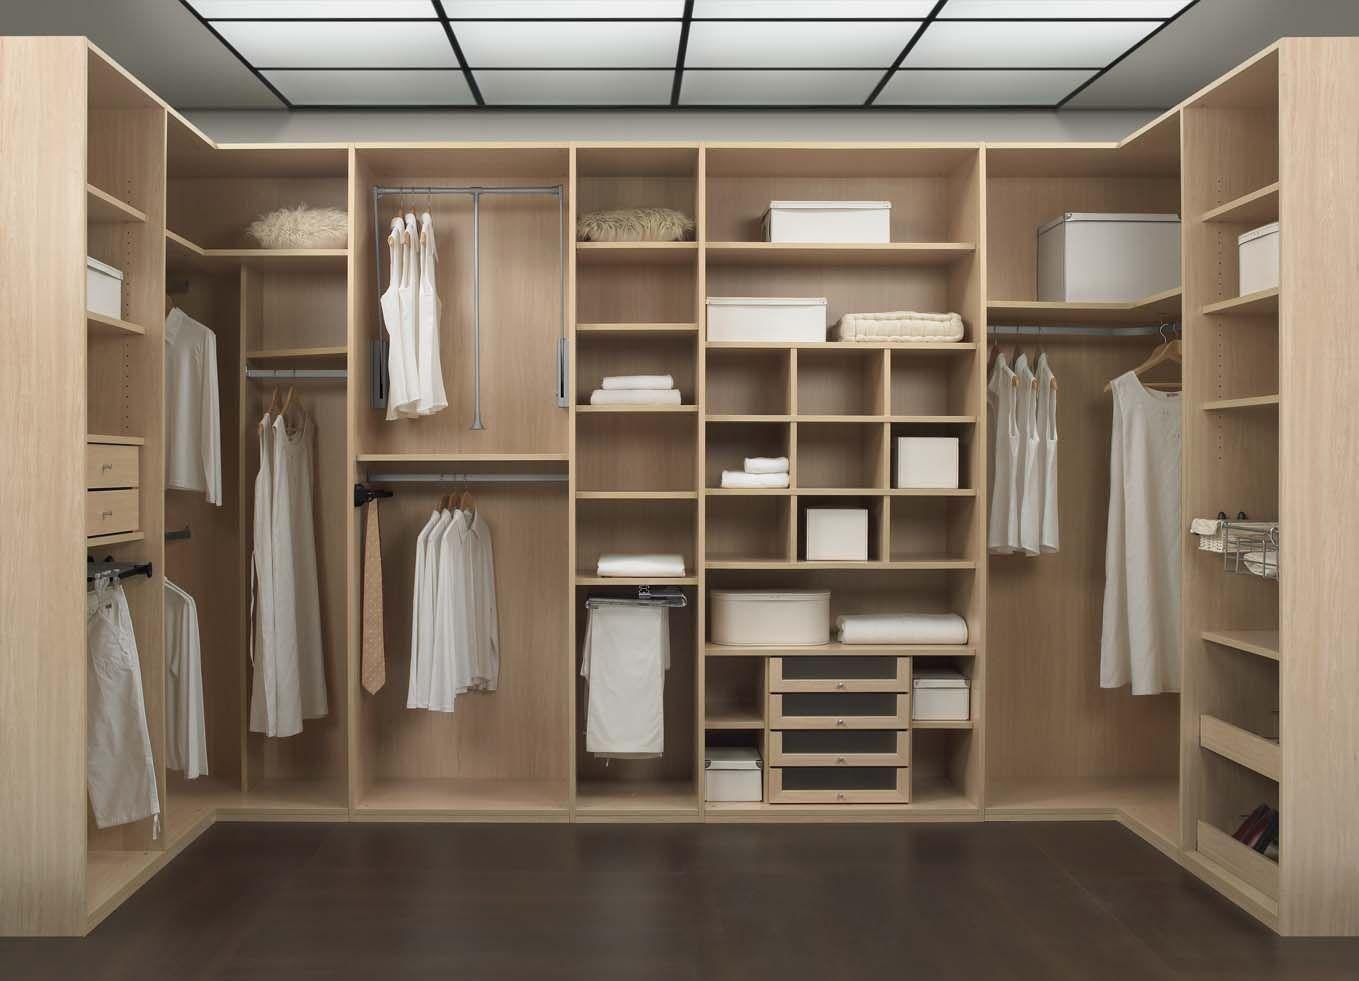 M s de 100 fotos de vestidores imagenes de vestidores - Fotos pisos modernos ...